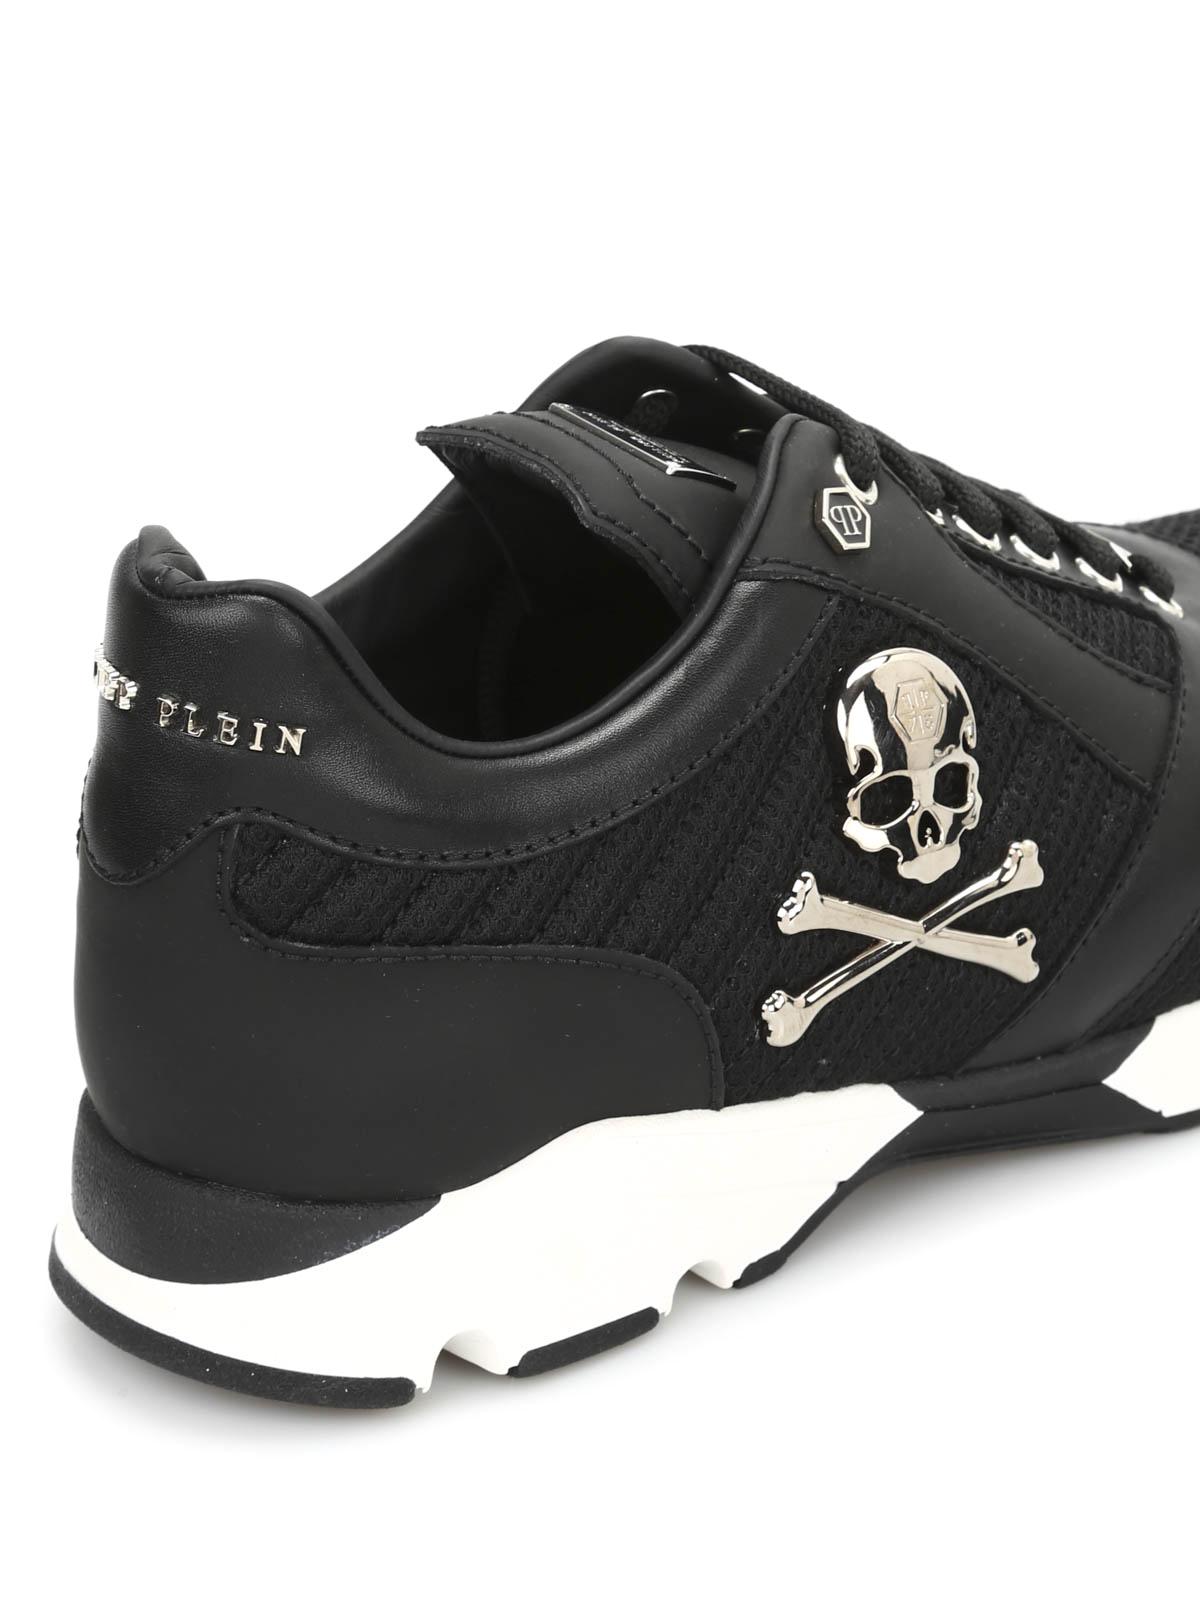 Philipp Prendre Mes Chaussures De Sport Plein Temps - Noir q9zLfEP